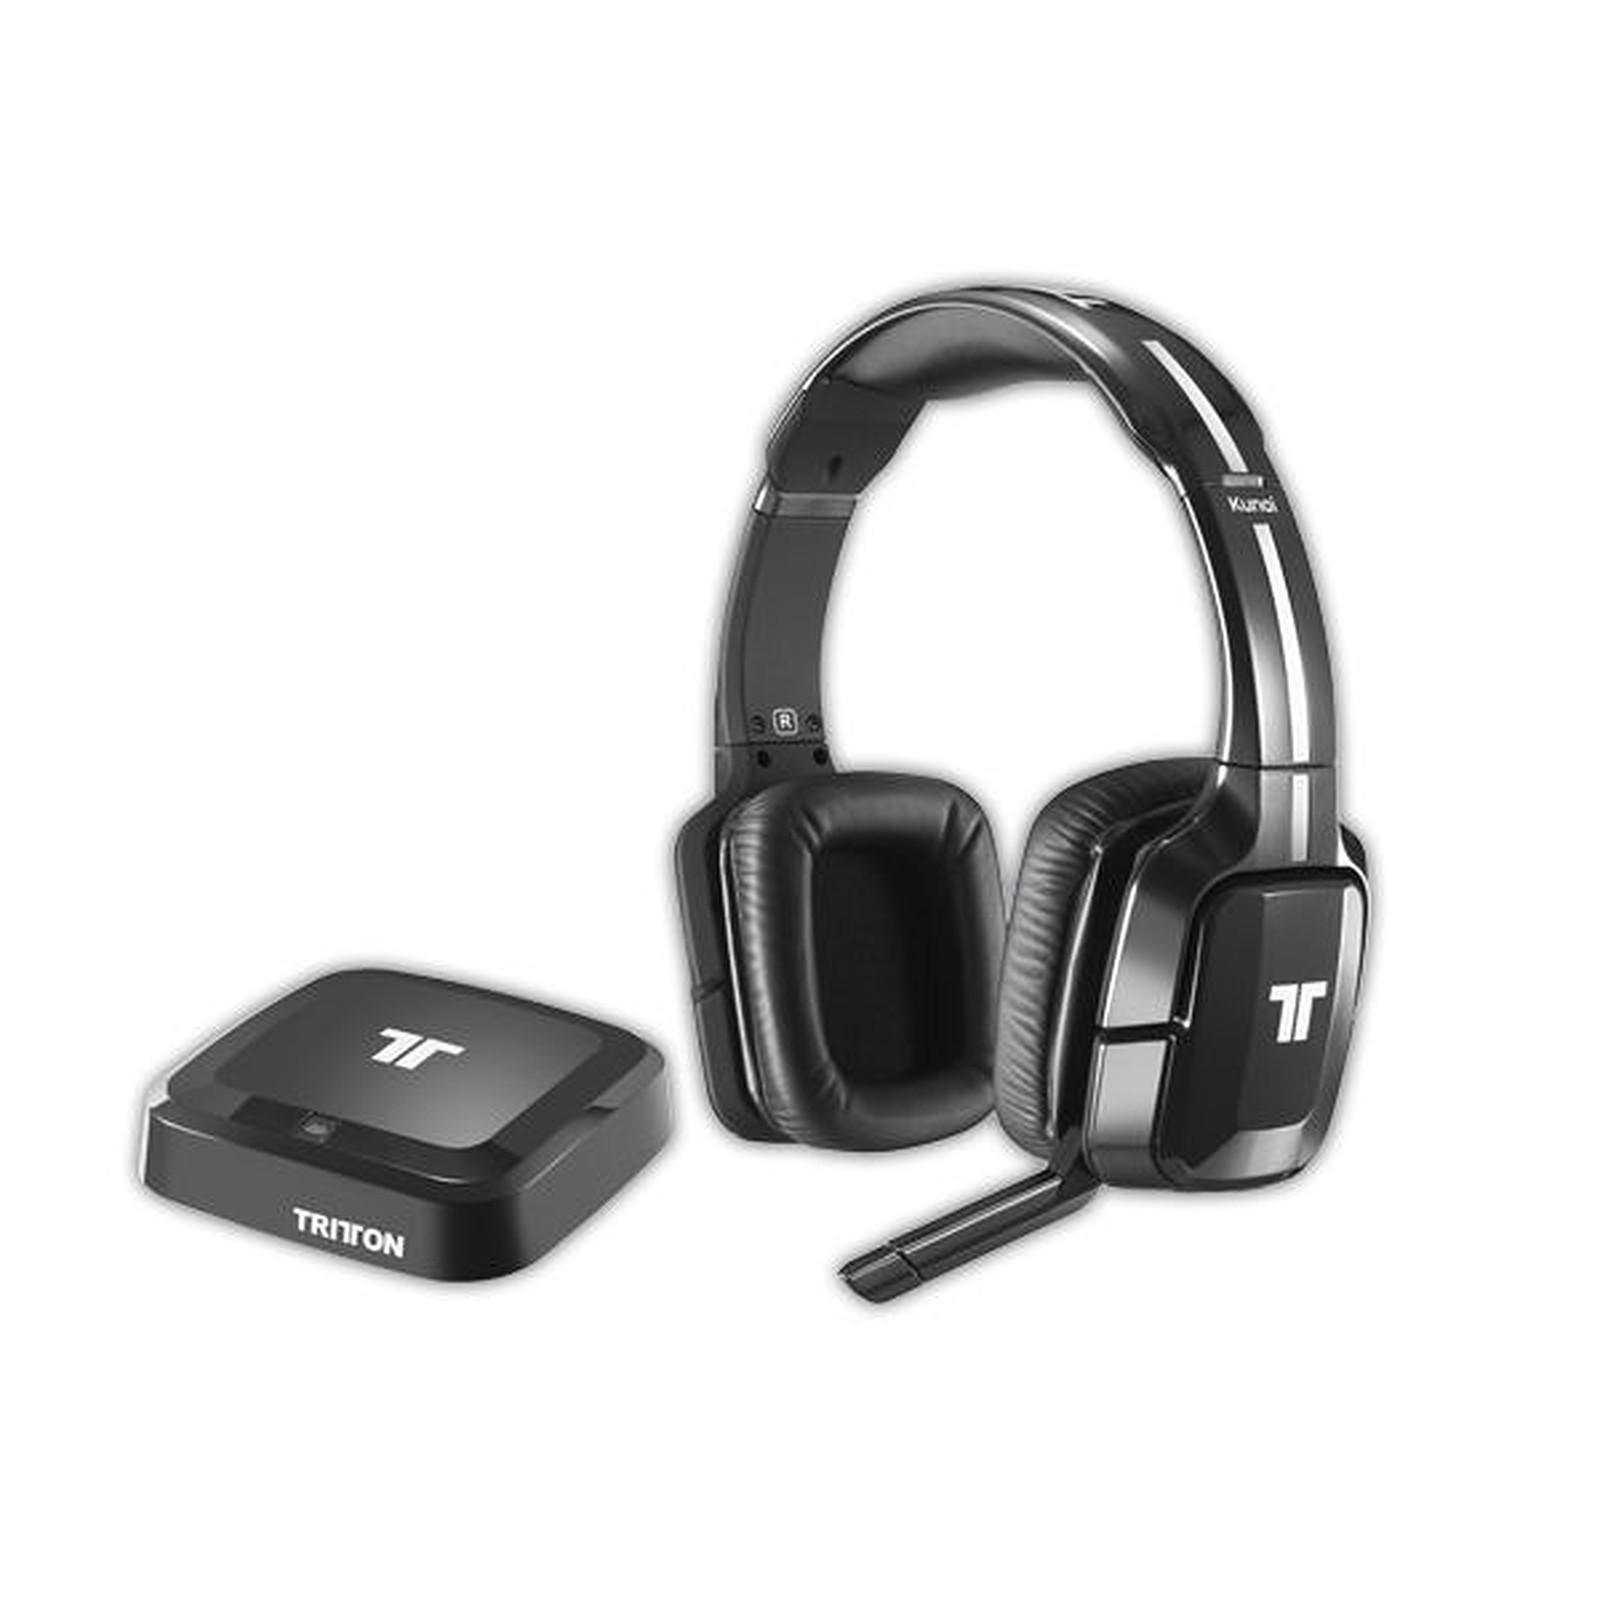 casque audio ps3 sans fil tritton